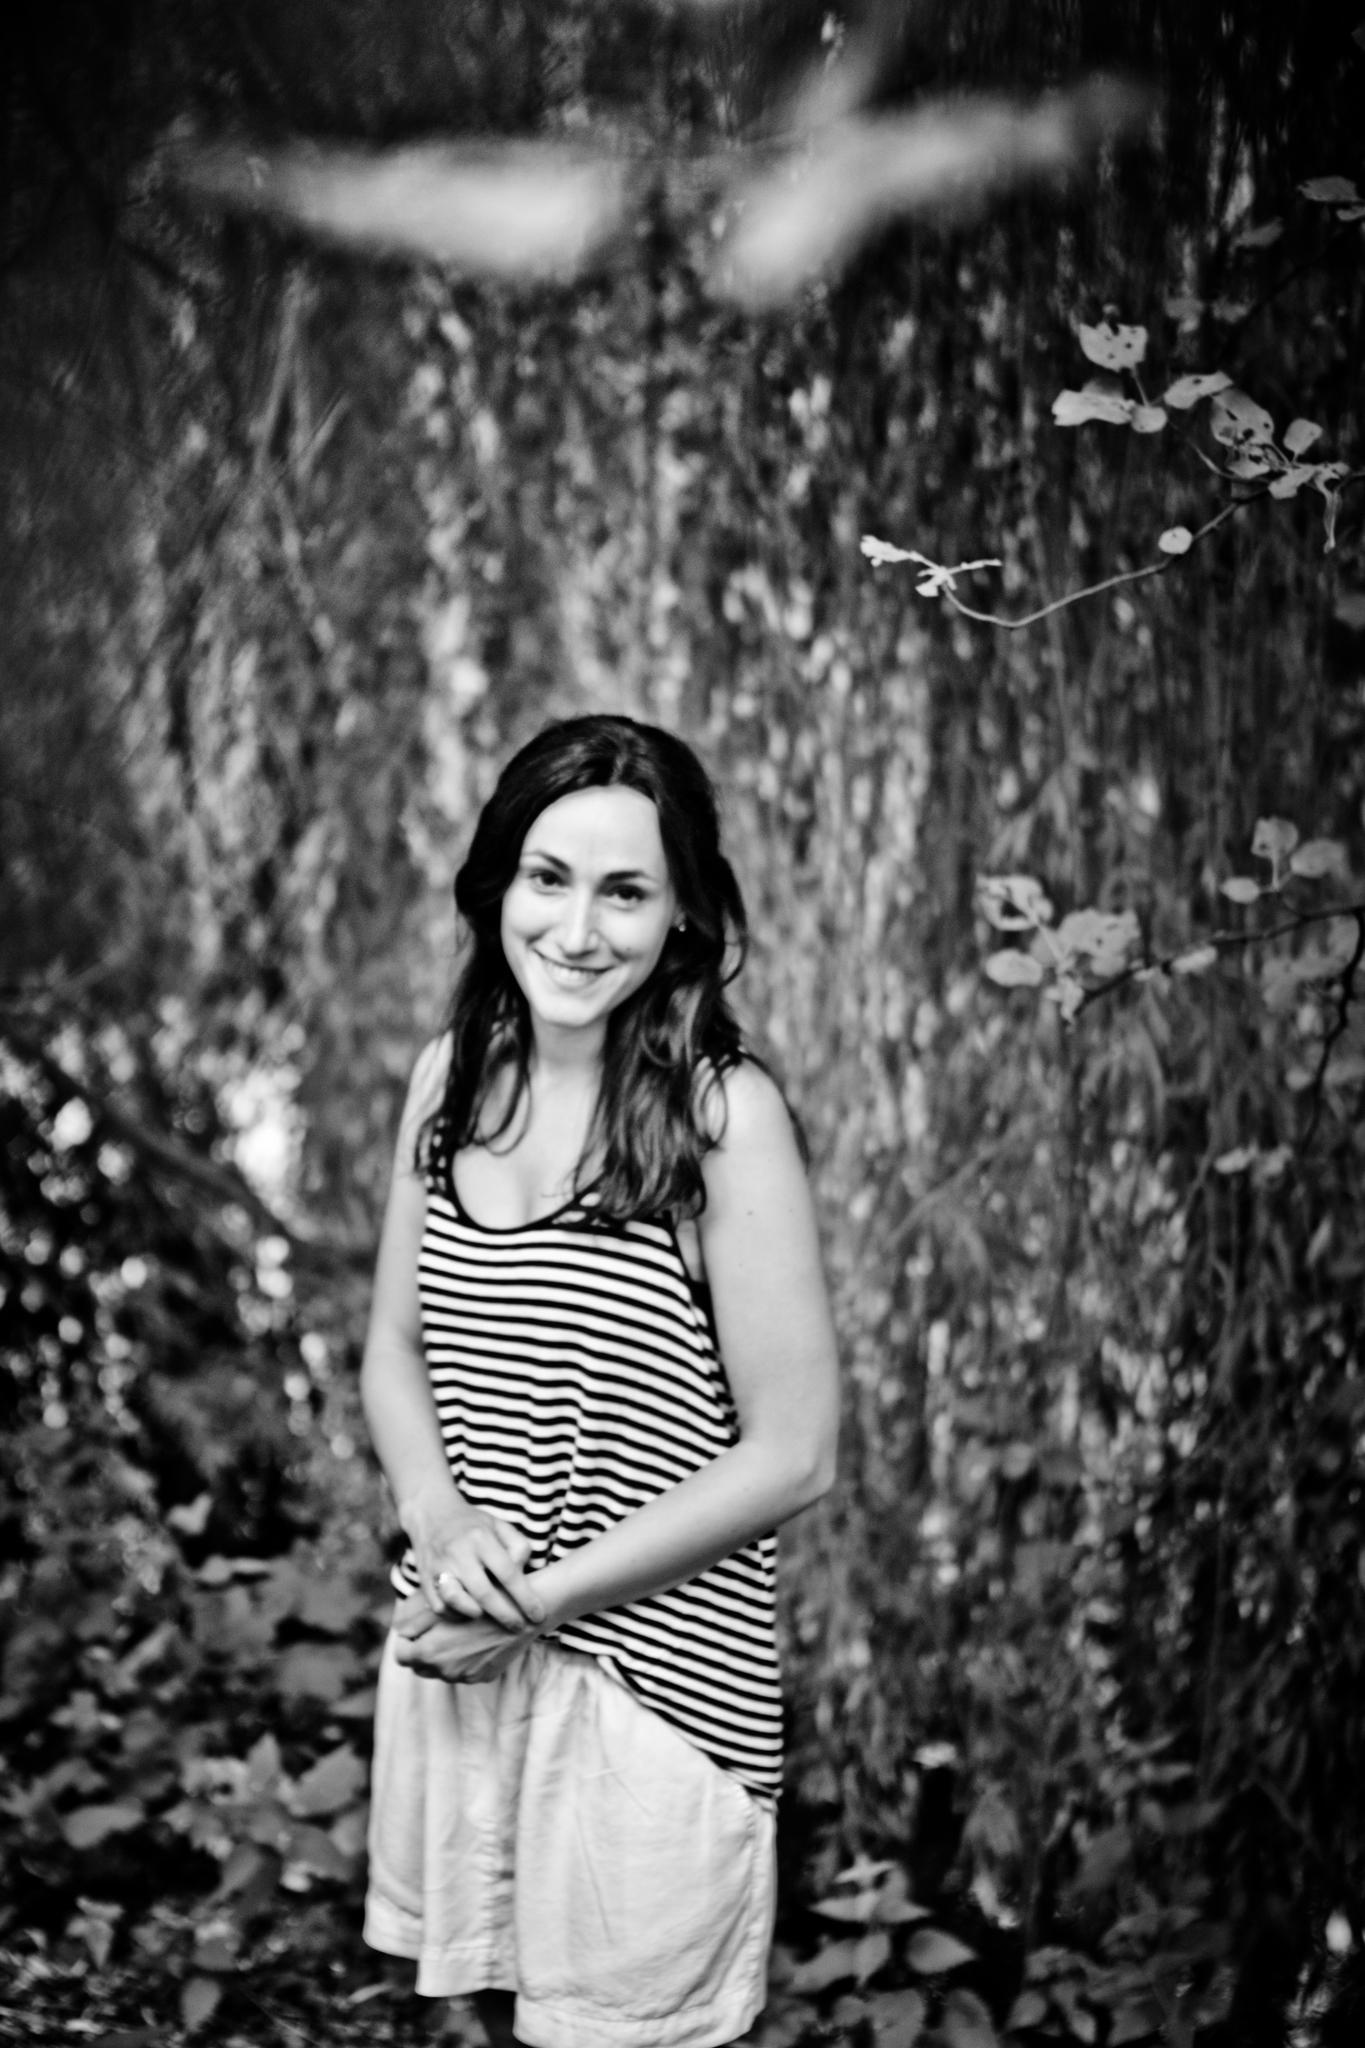 arijana-daniel-sonnentag-2013-03